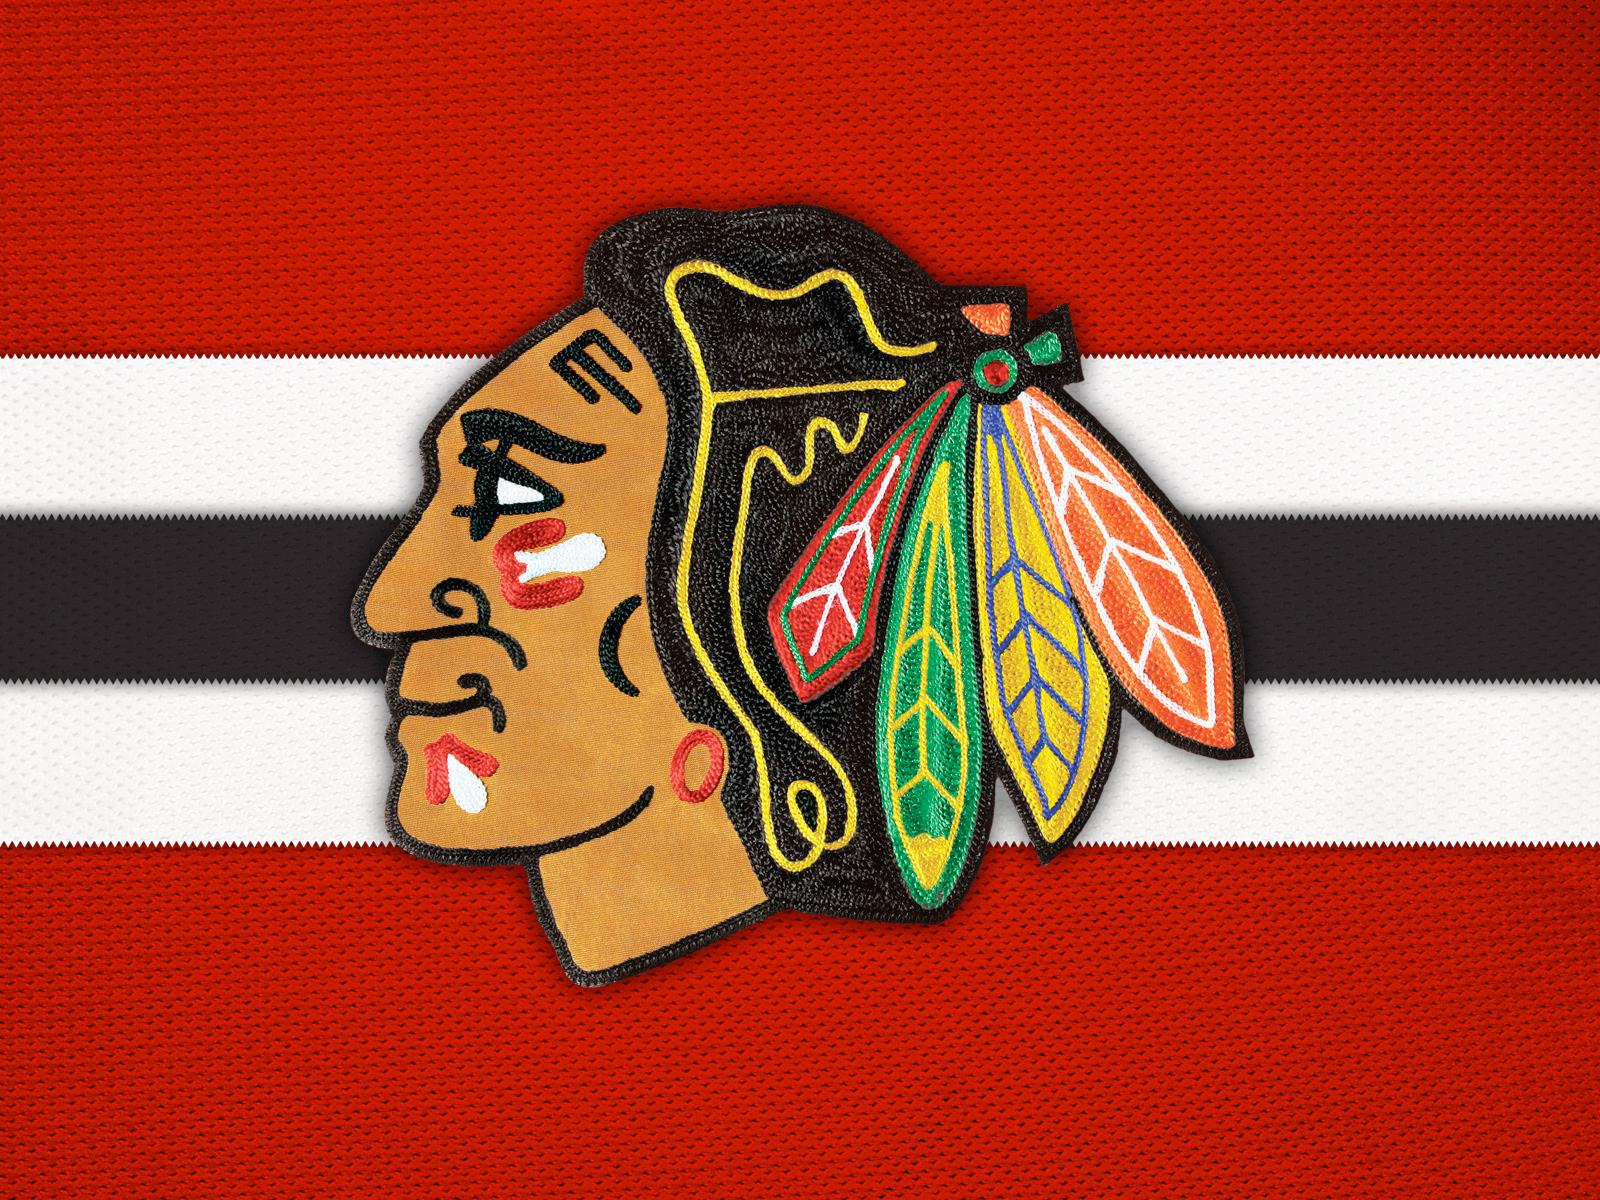 Sport Wallpaper Chicago Blackhawks: Chicago Blackhawks Wallpaper And Background Image